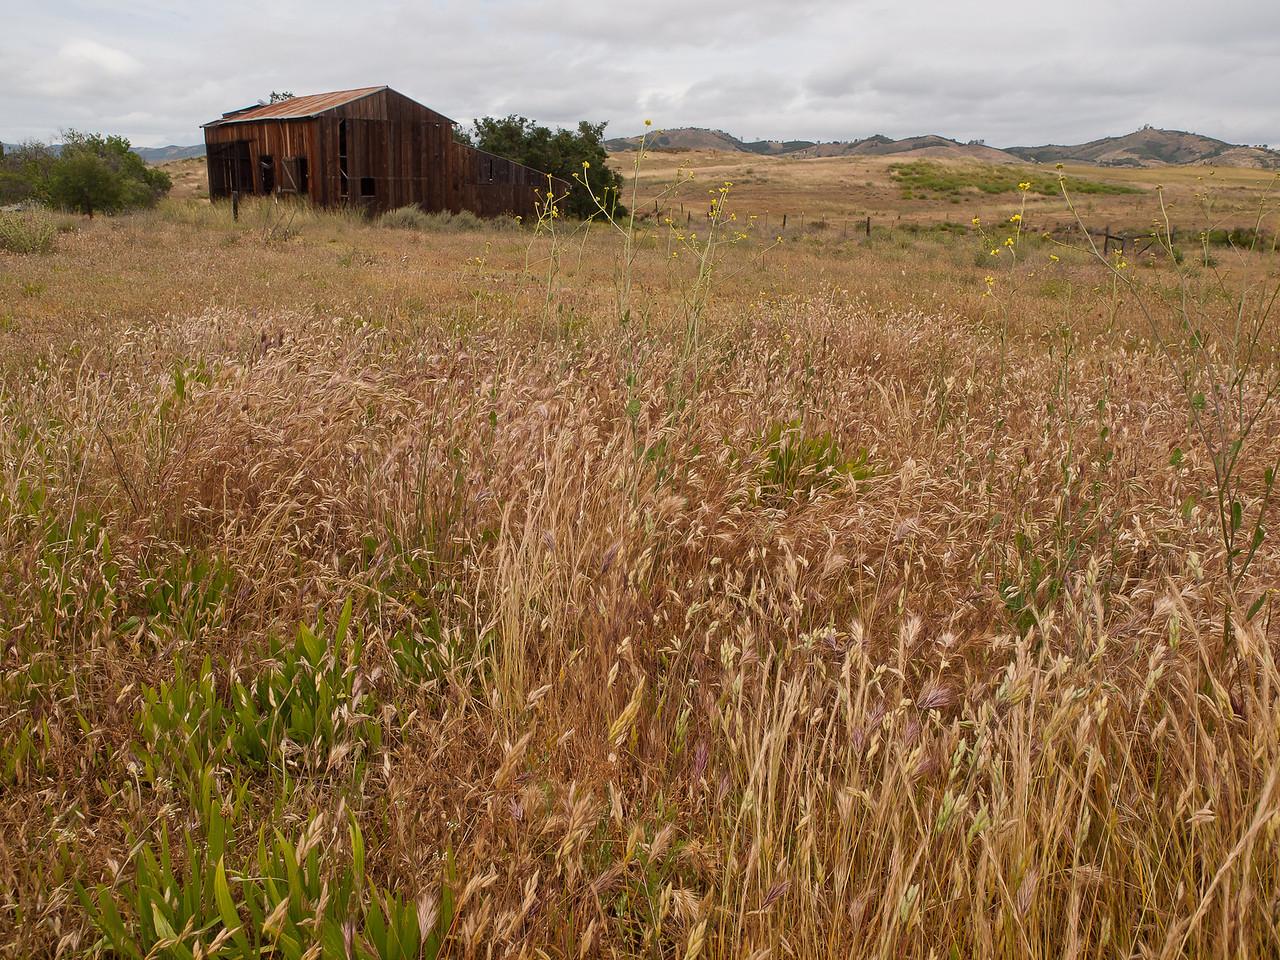 Abandoned barn in Soledad, CA.